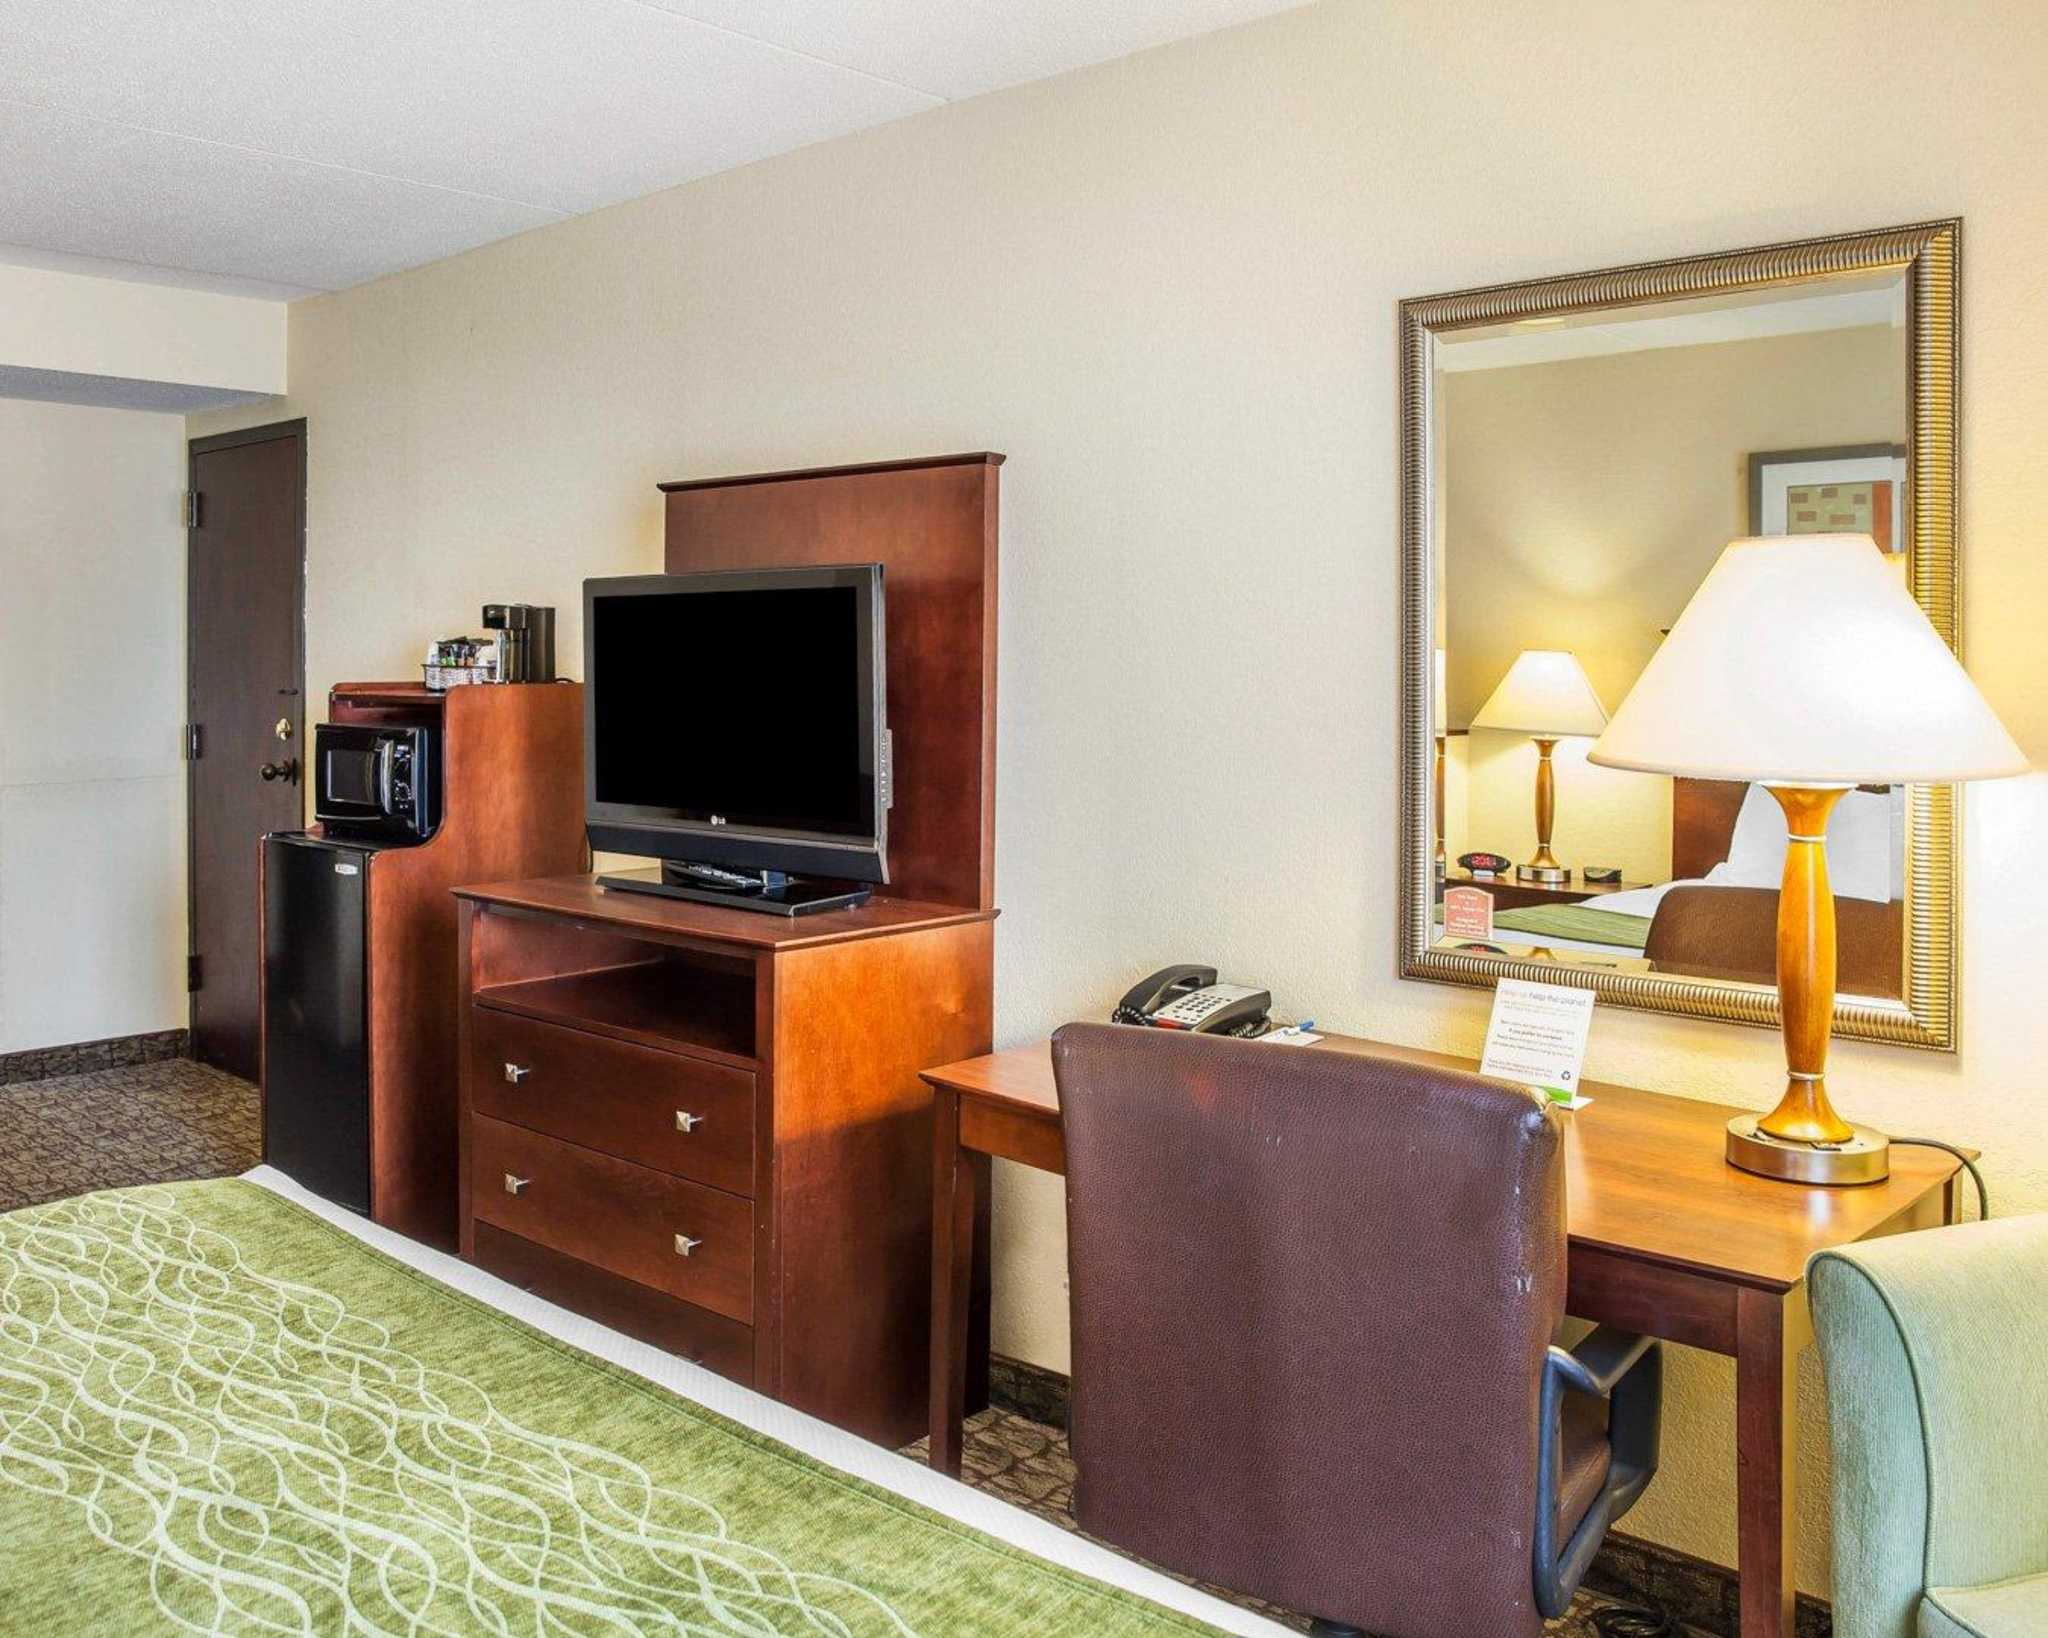 Comfort Inn & Suites Pottstown - Limerick image 16